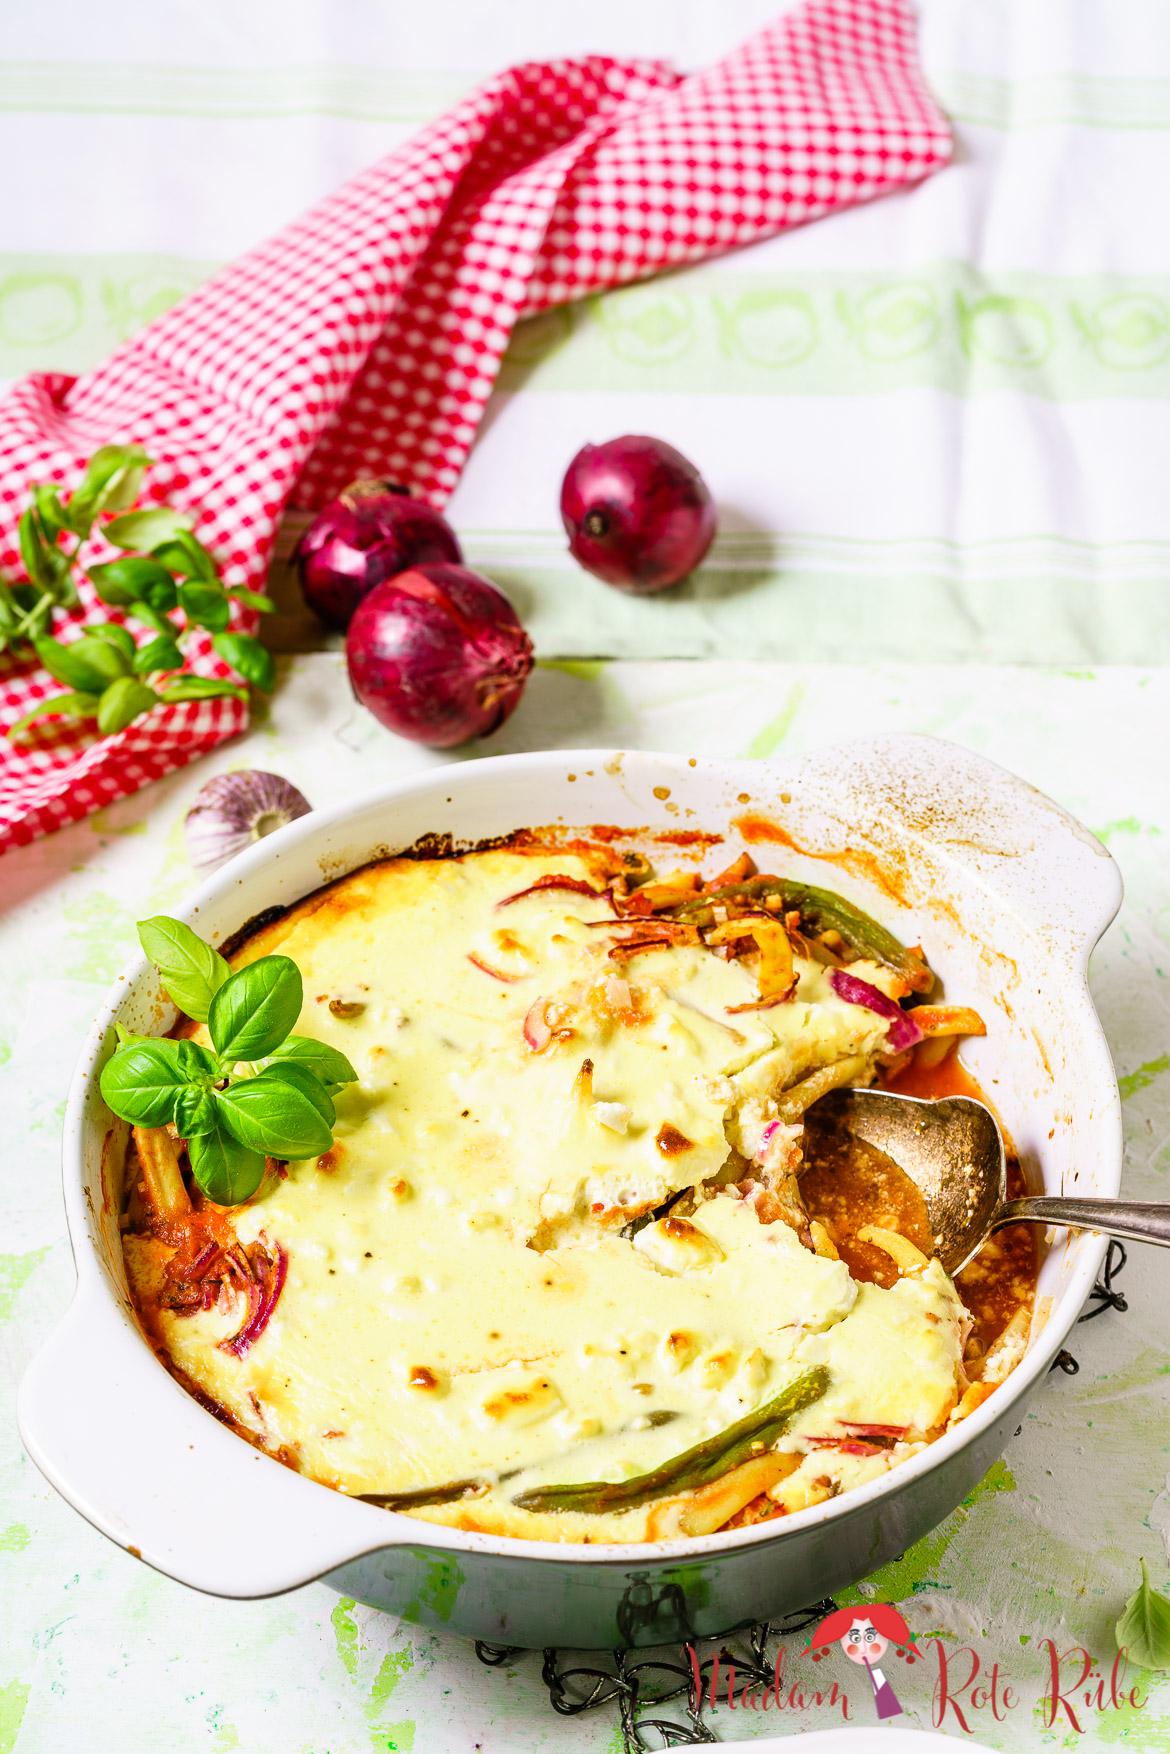 Madam Rote Rübe - Provenzalisches grüne Bohnen-Tomaten-Gratin mit Fetacreme